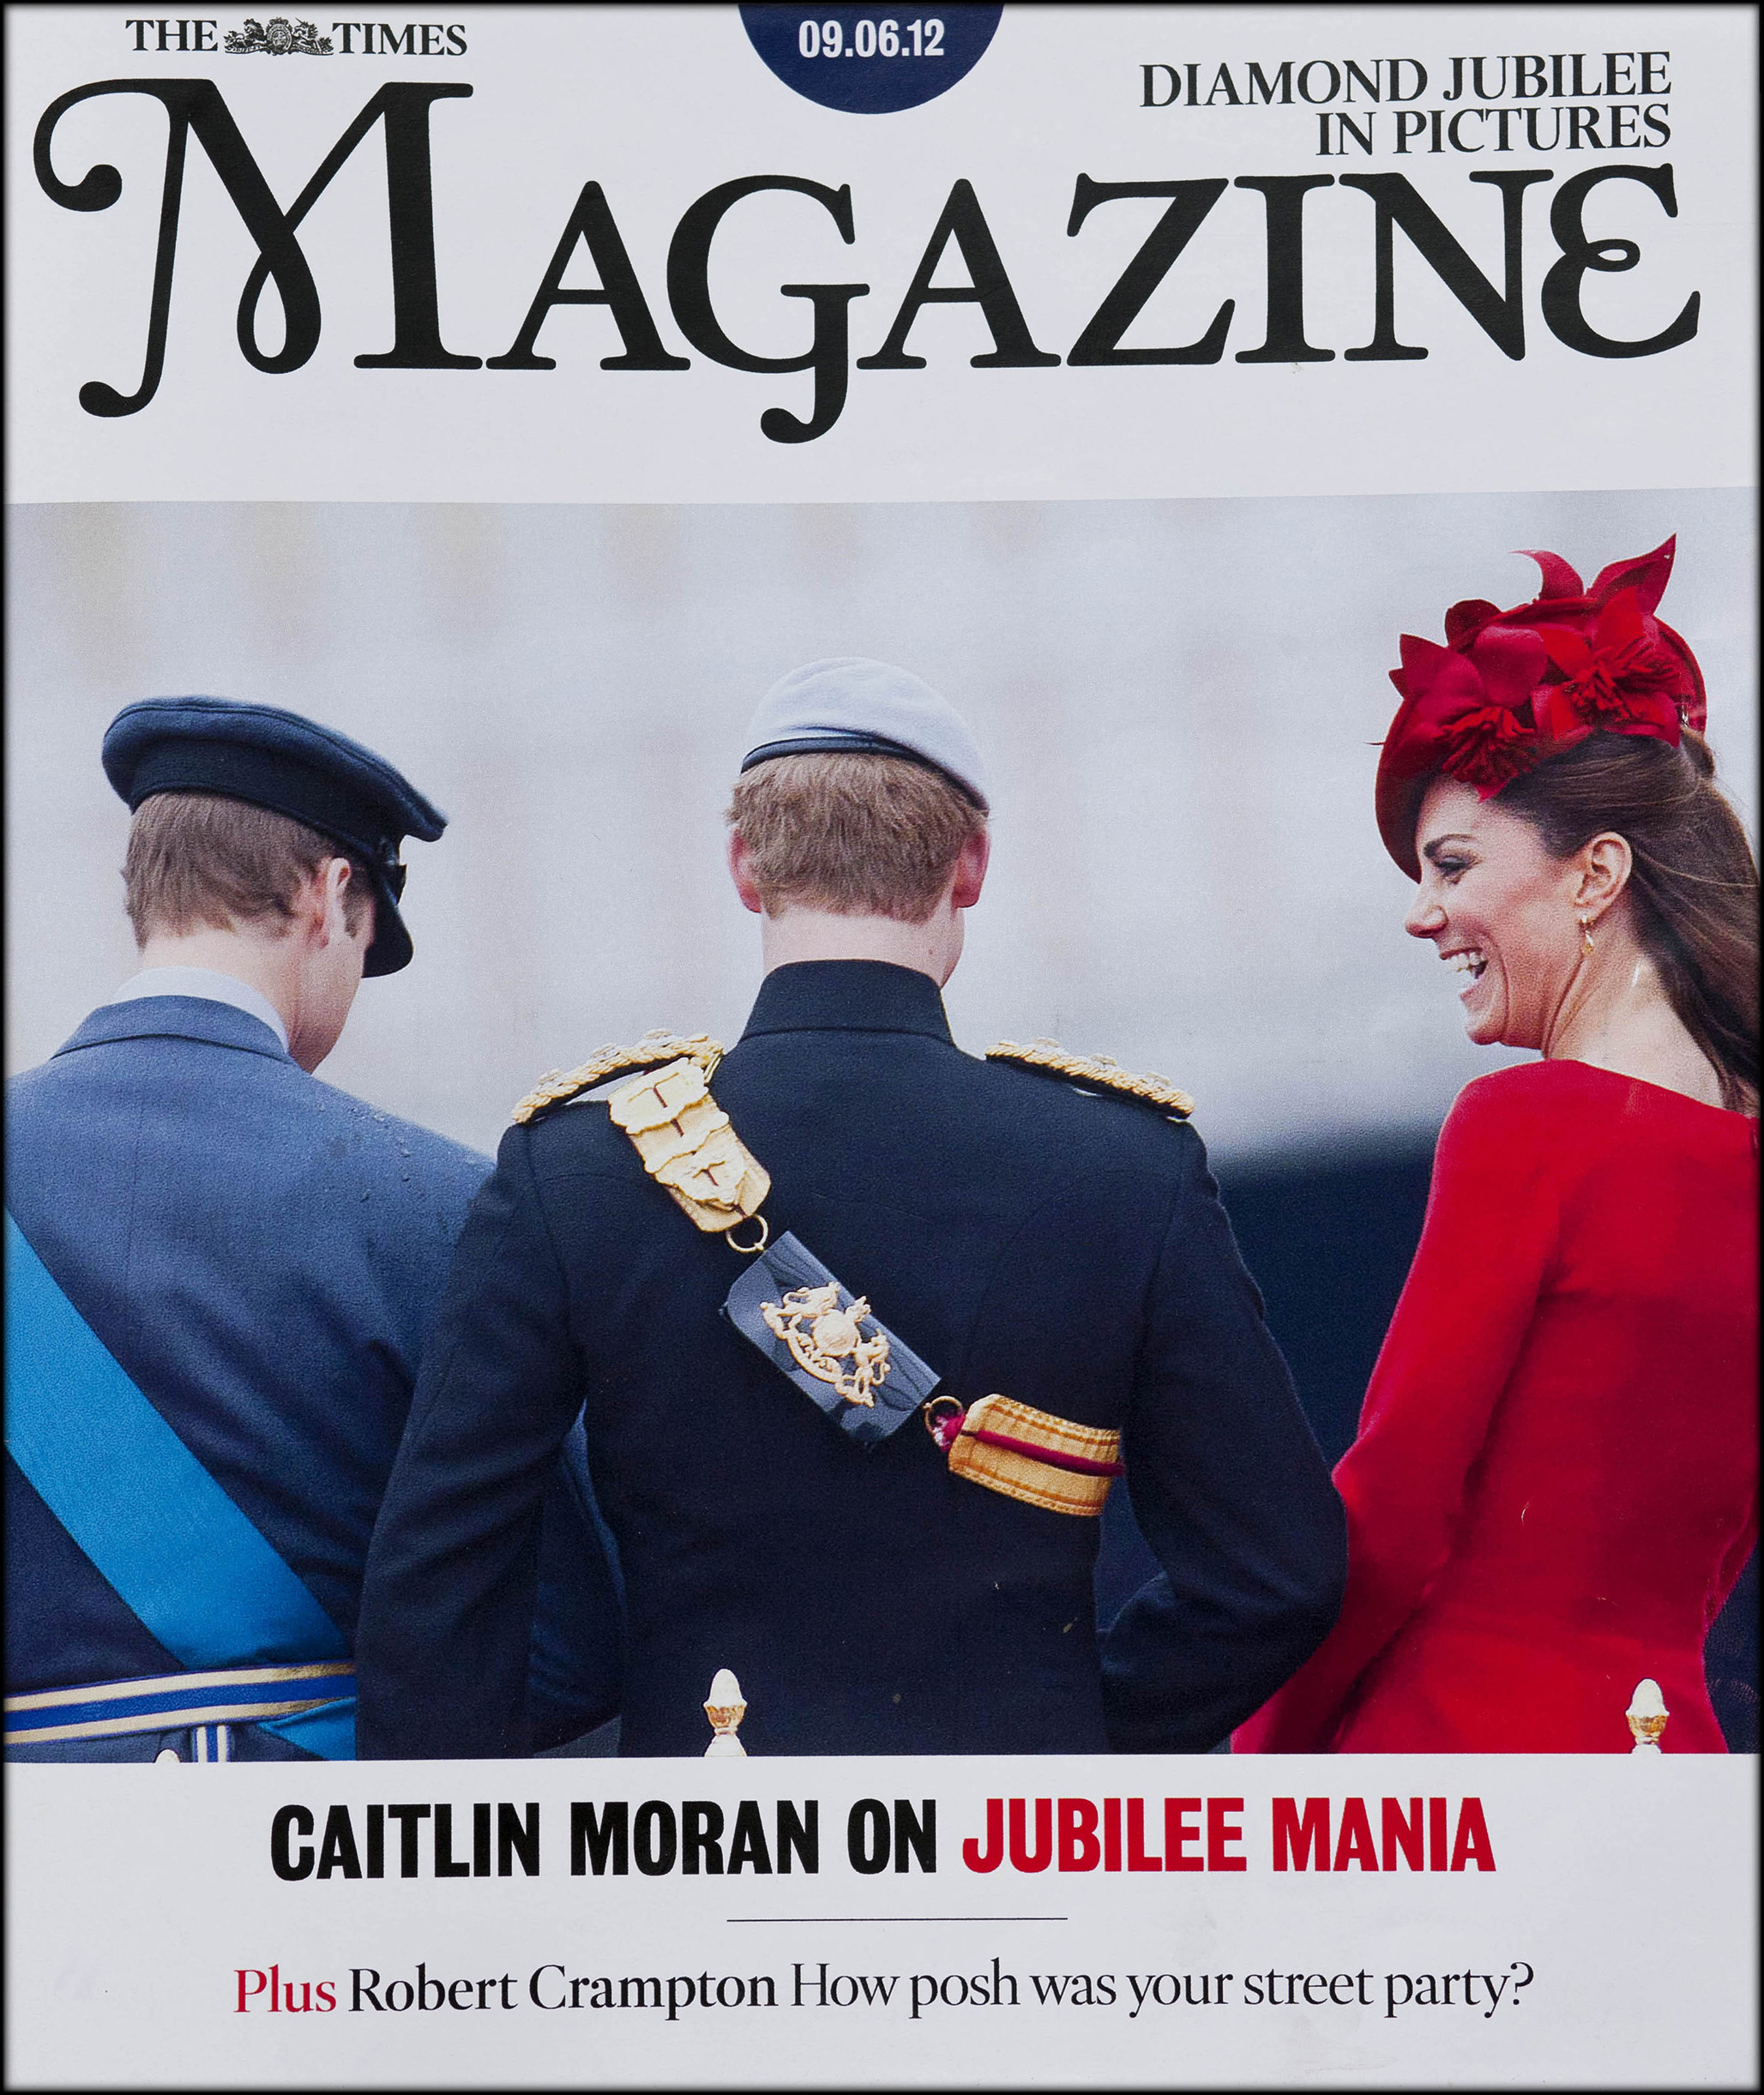 rupert-hartley-times-magazine.JPG